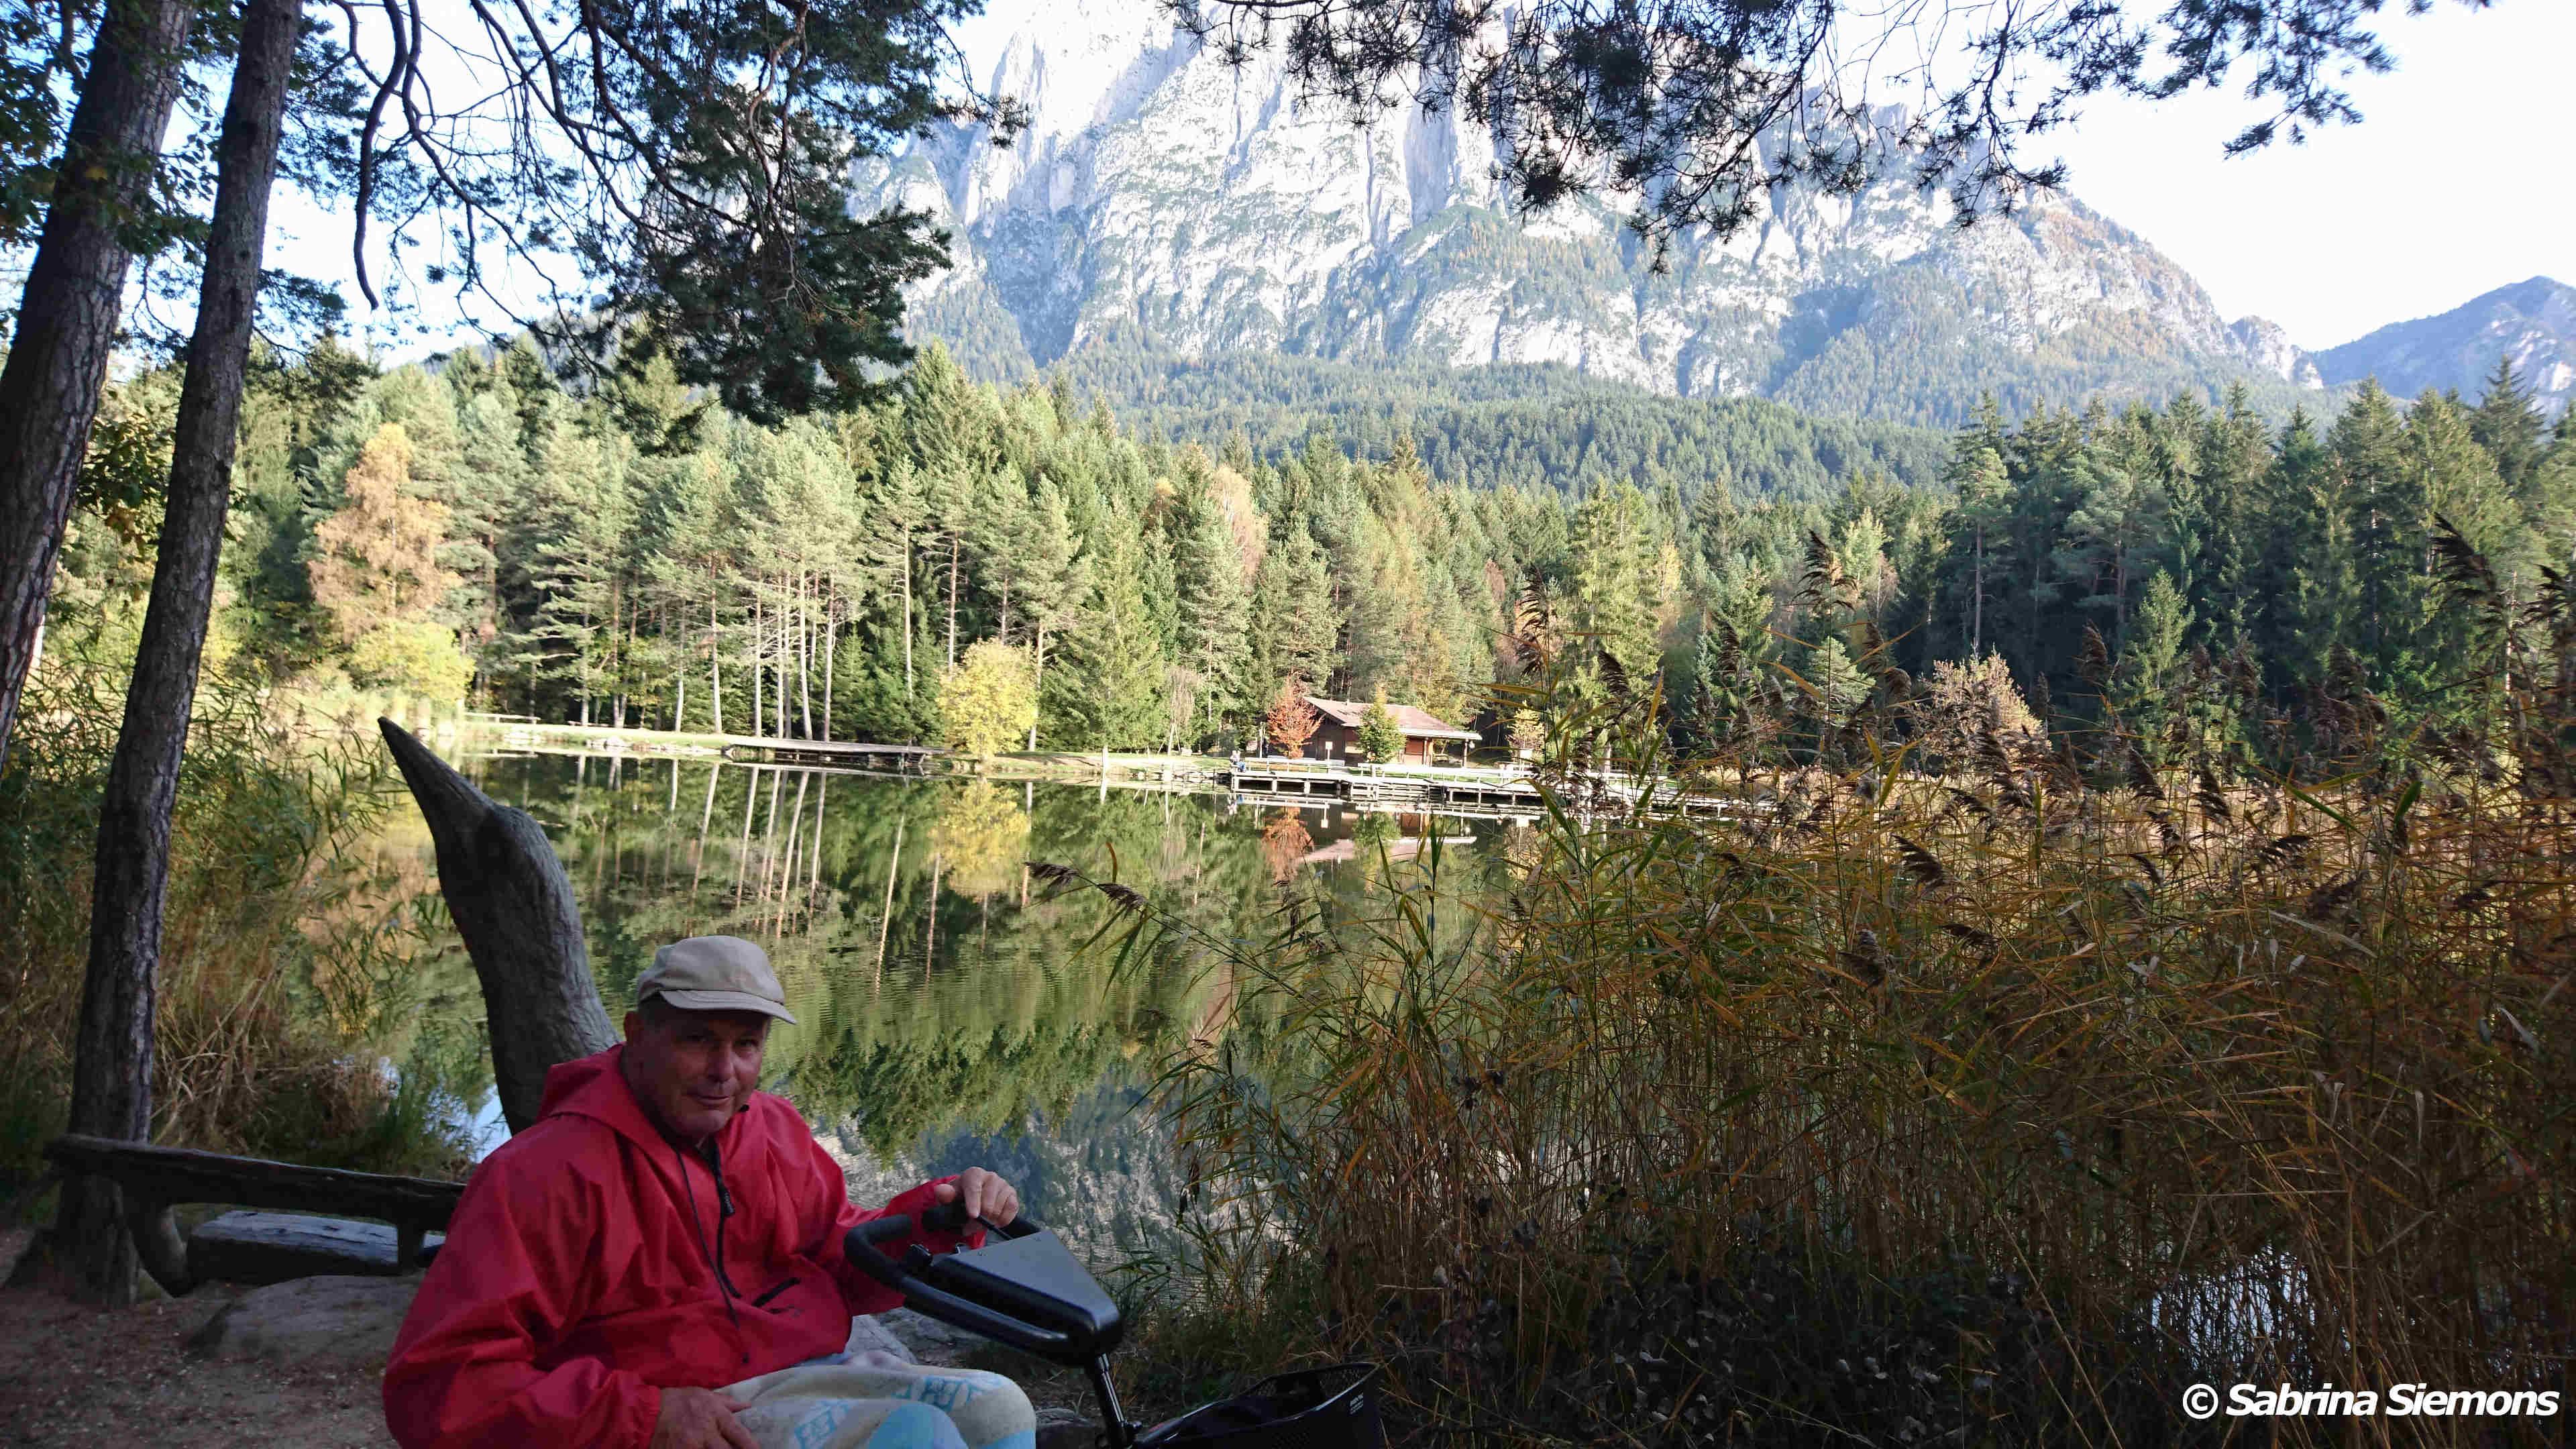 Wheelchair-Tours-Wheelchair-Völs-Pond-Autumn-View-Baumi